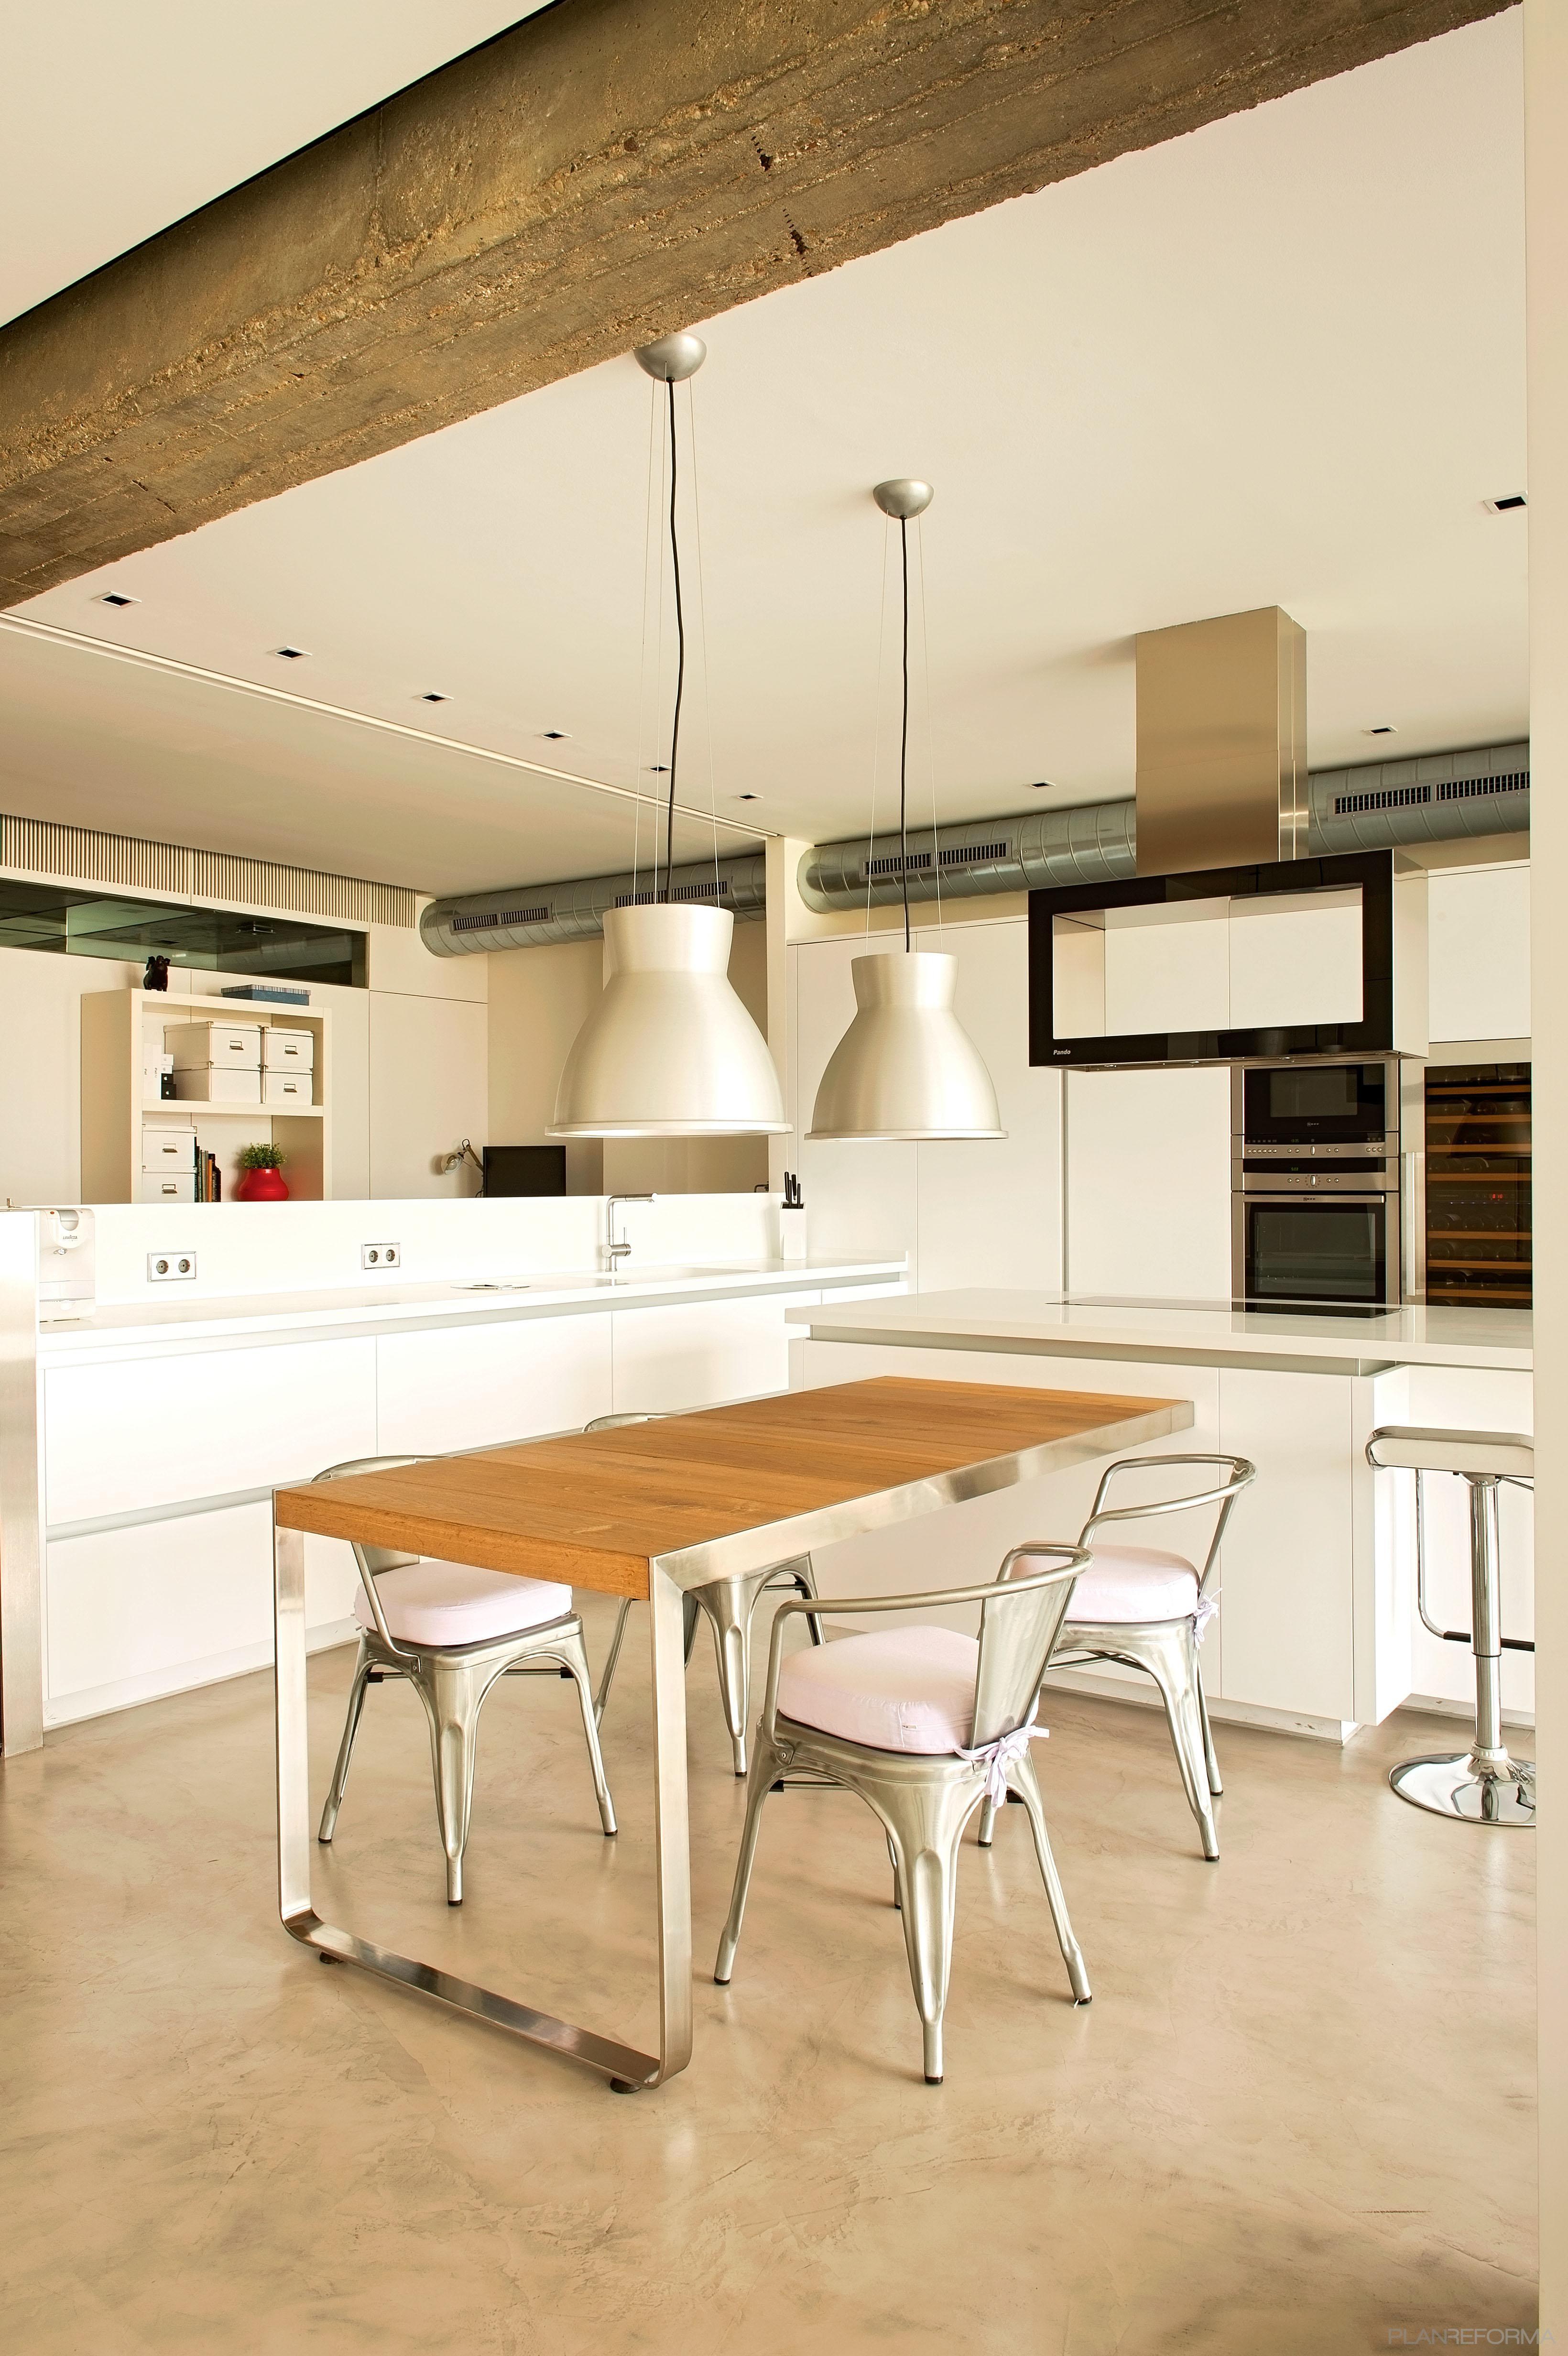 Estudio comedor cocina estilo moderno color marron for Cocina estilo moderno